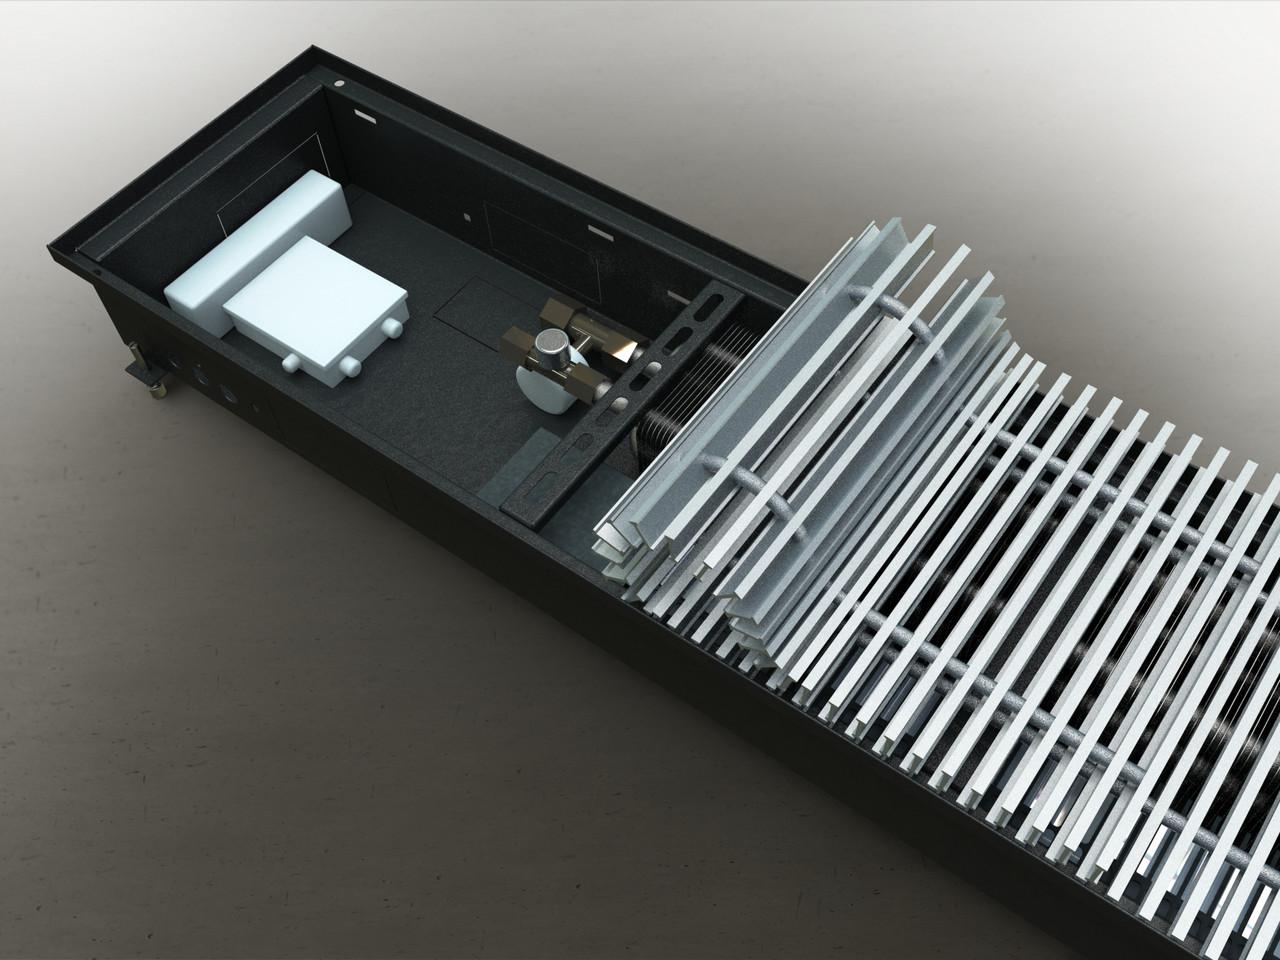 Конвектор с принудительной конвекцией Venttherm INTCON 110 мм., 200 мм., 2450 мм.